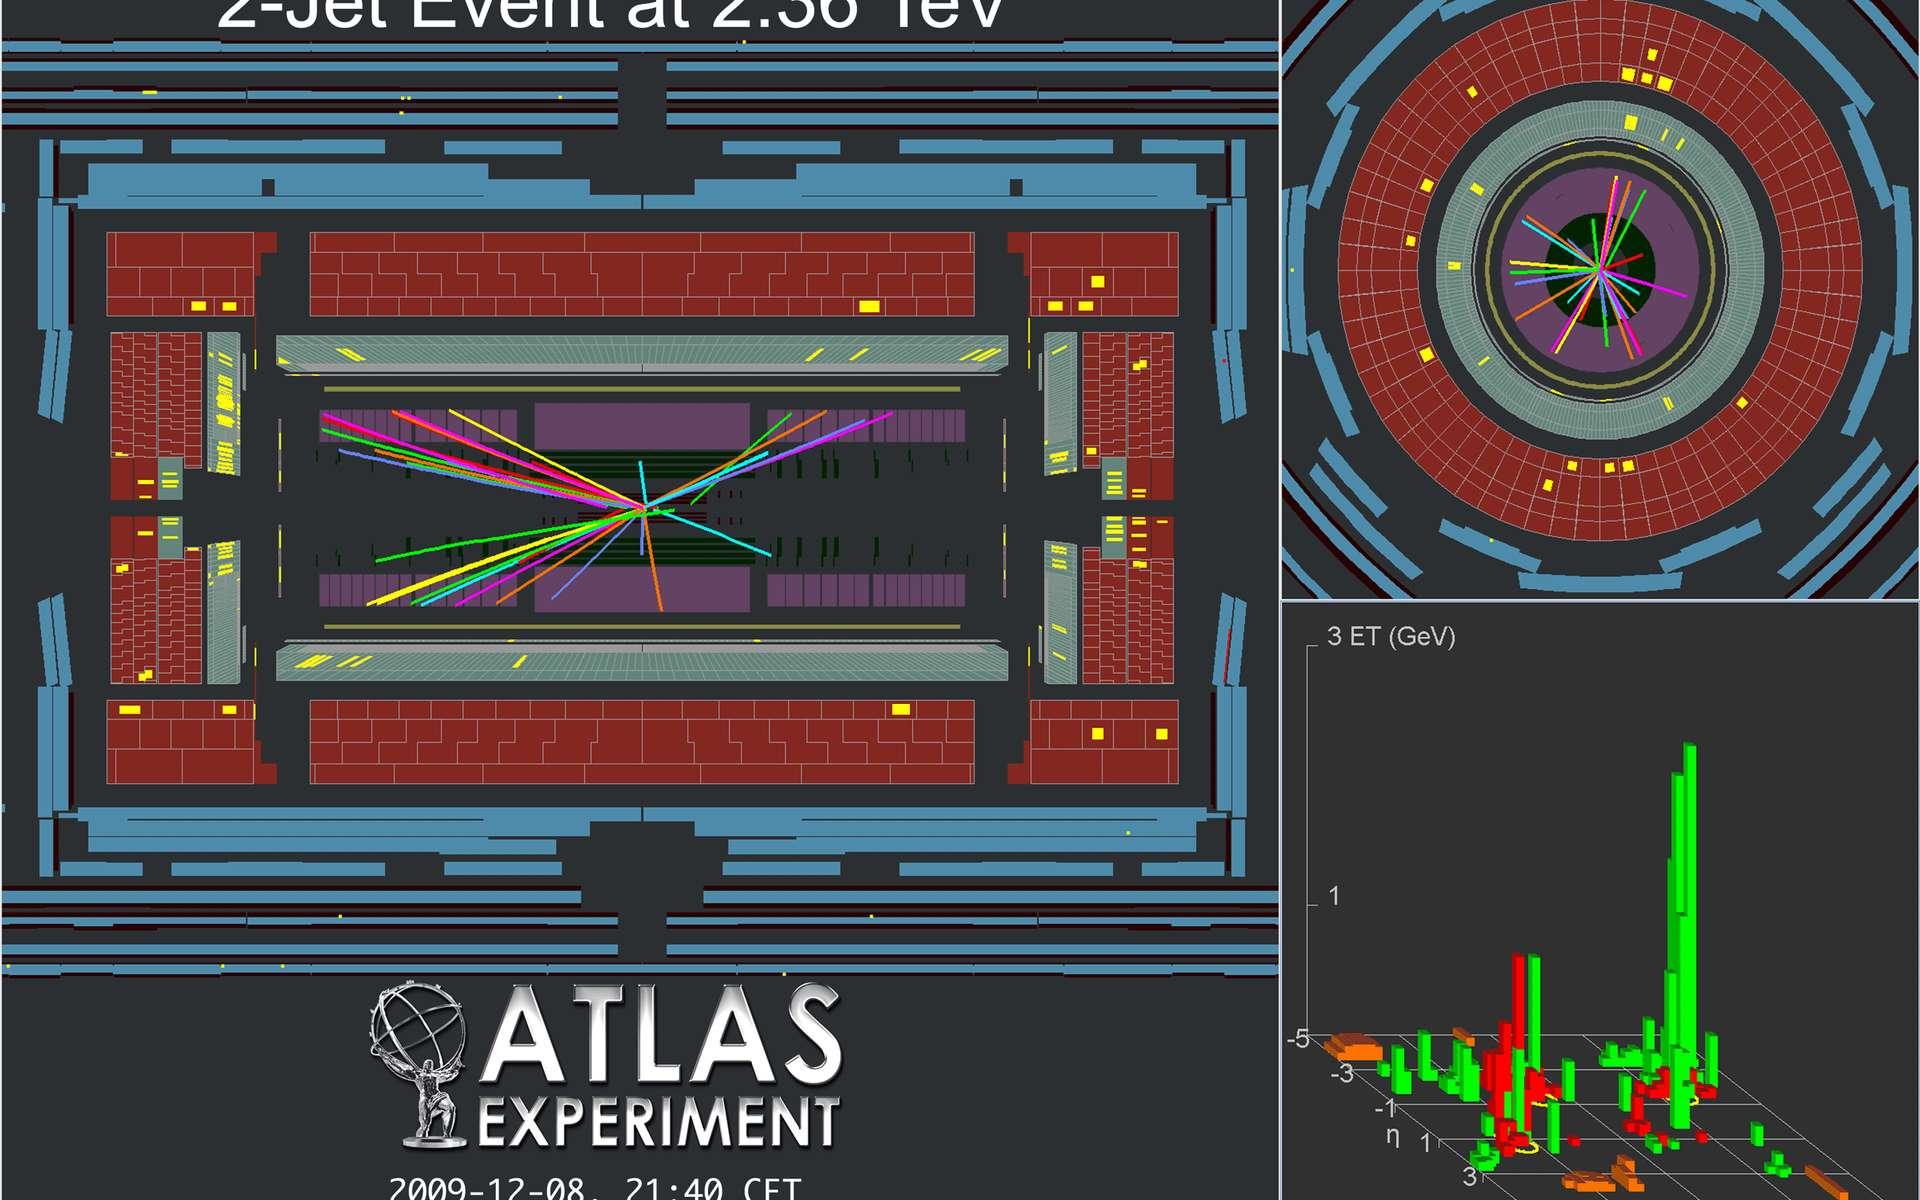 Des collisions à 2.360 GeV vues dans le détecteur Atlas du LHC. © Cern